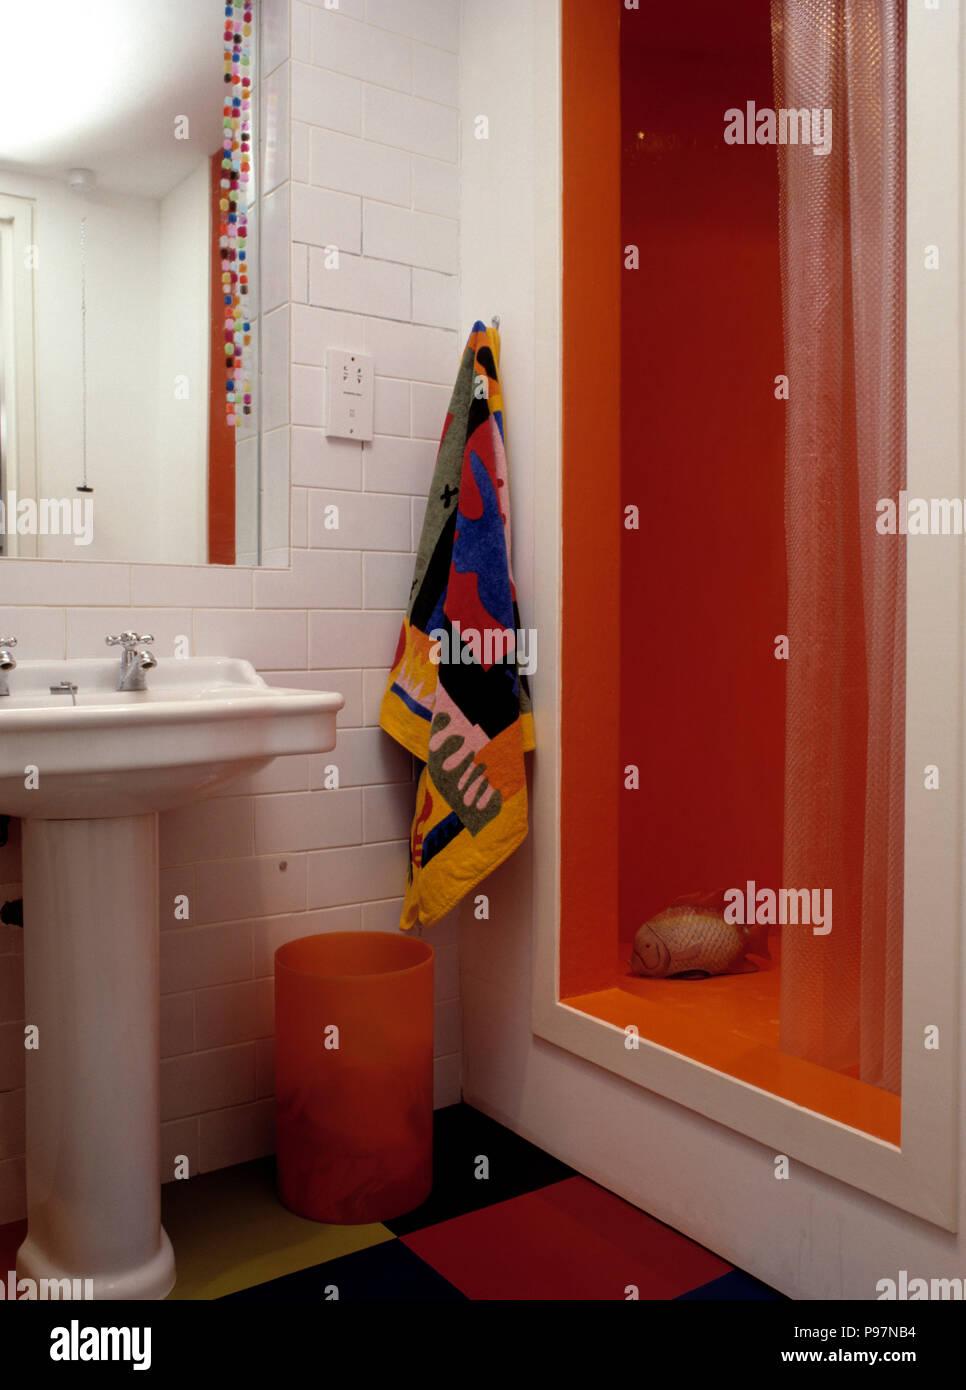 Buntes Handtuch auf weißen Fliesen Wand neben orange Dusche ...